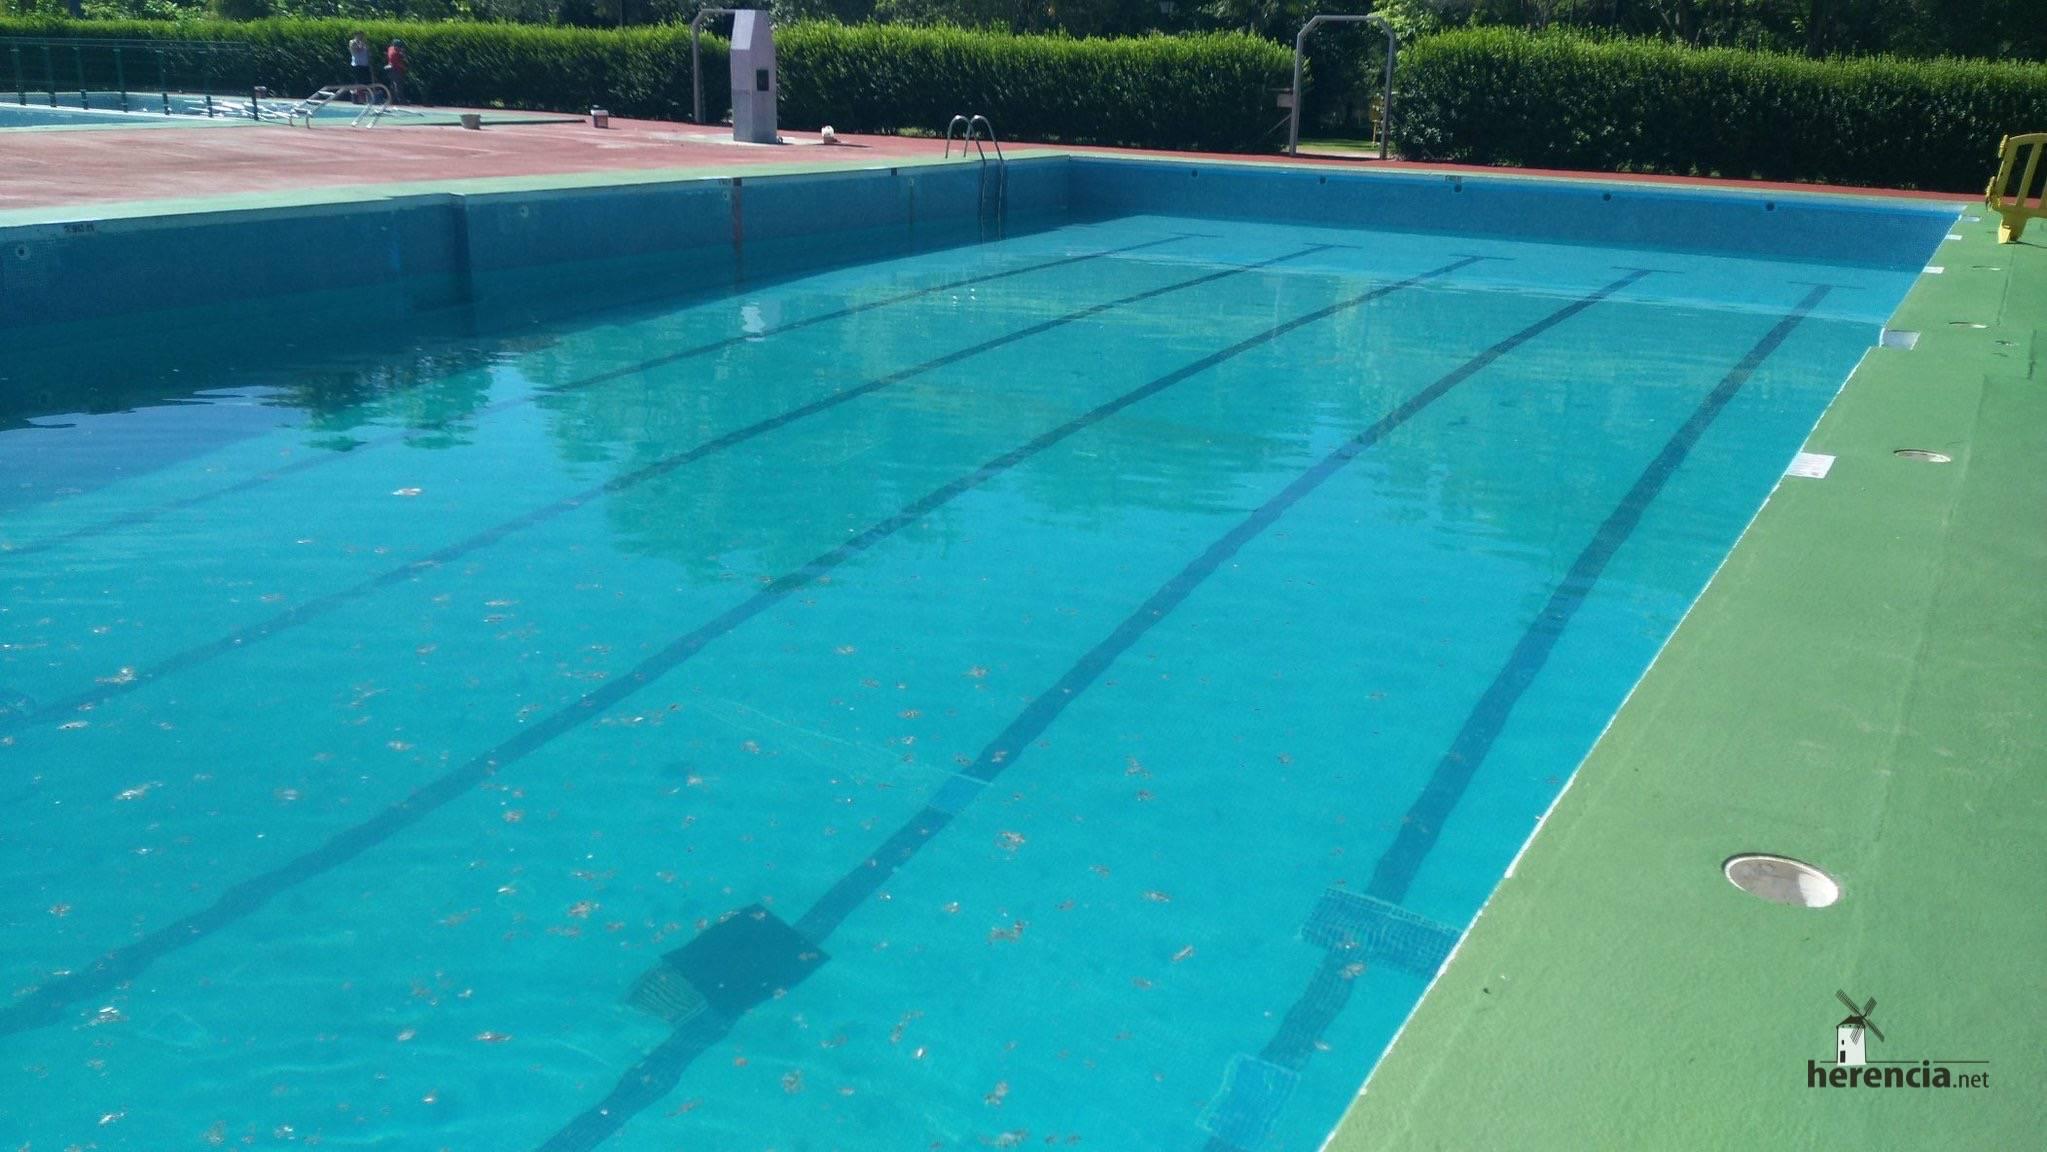 piscina municial preparada para 2016 en Herencia 2 - El 15 de junio comienza la temporada de baño en el complejo de la Piscina Municipal de Herencia